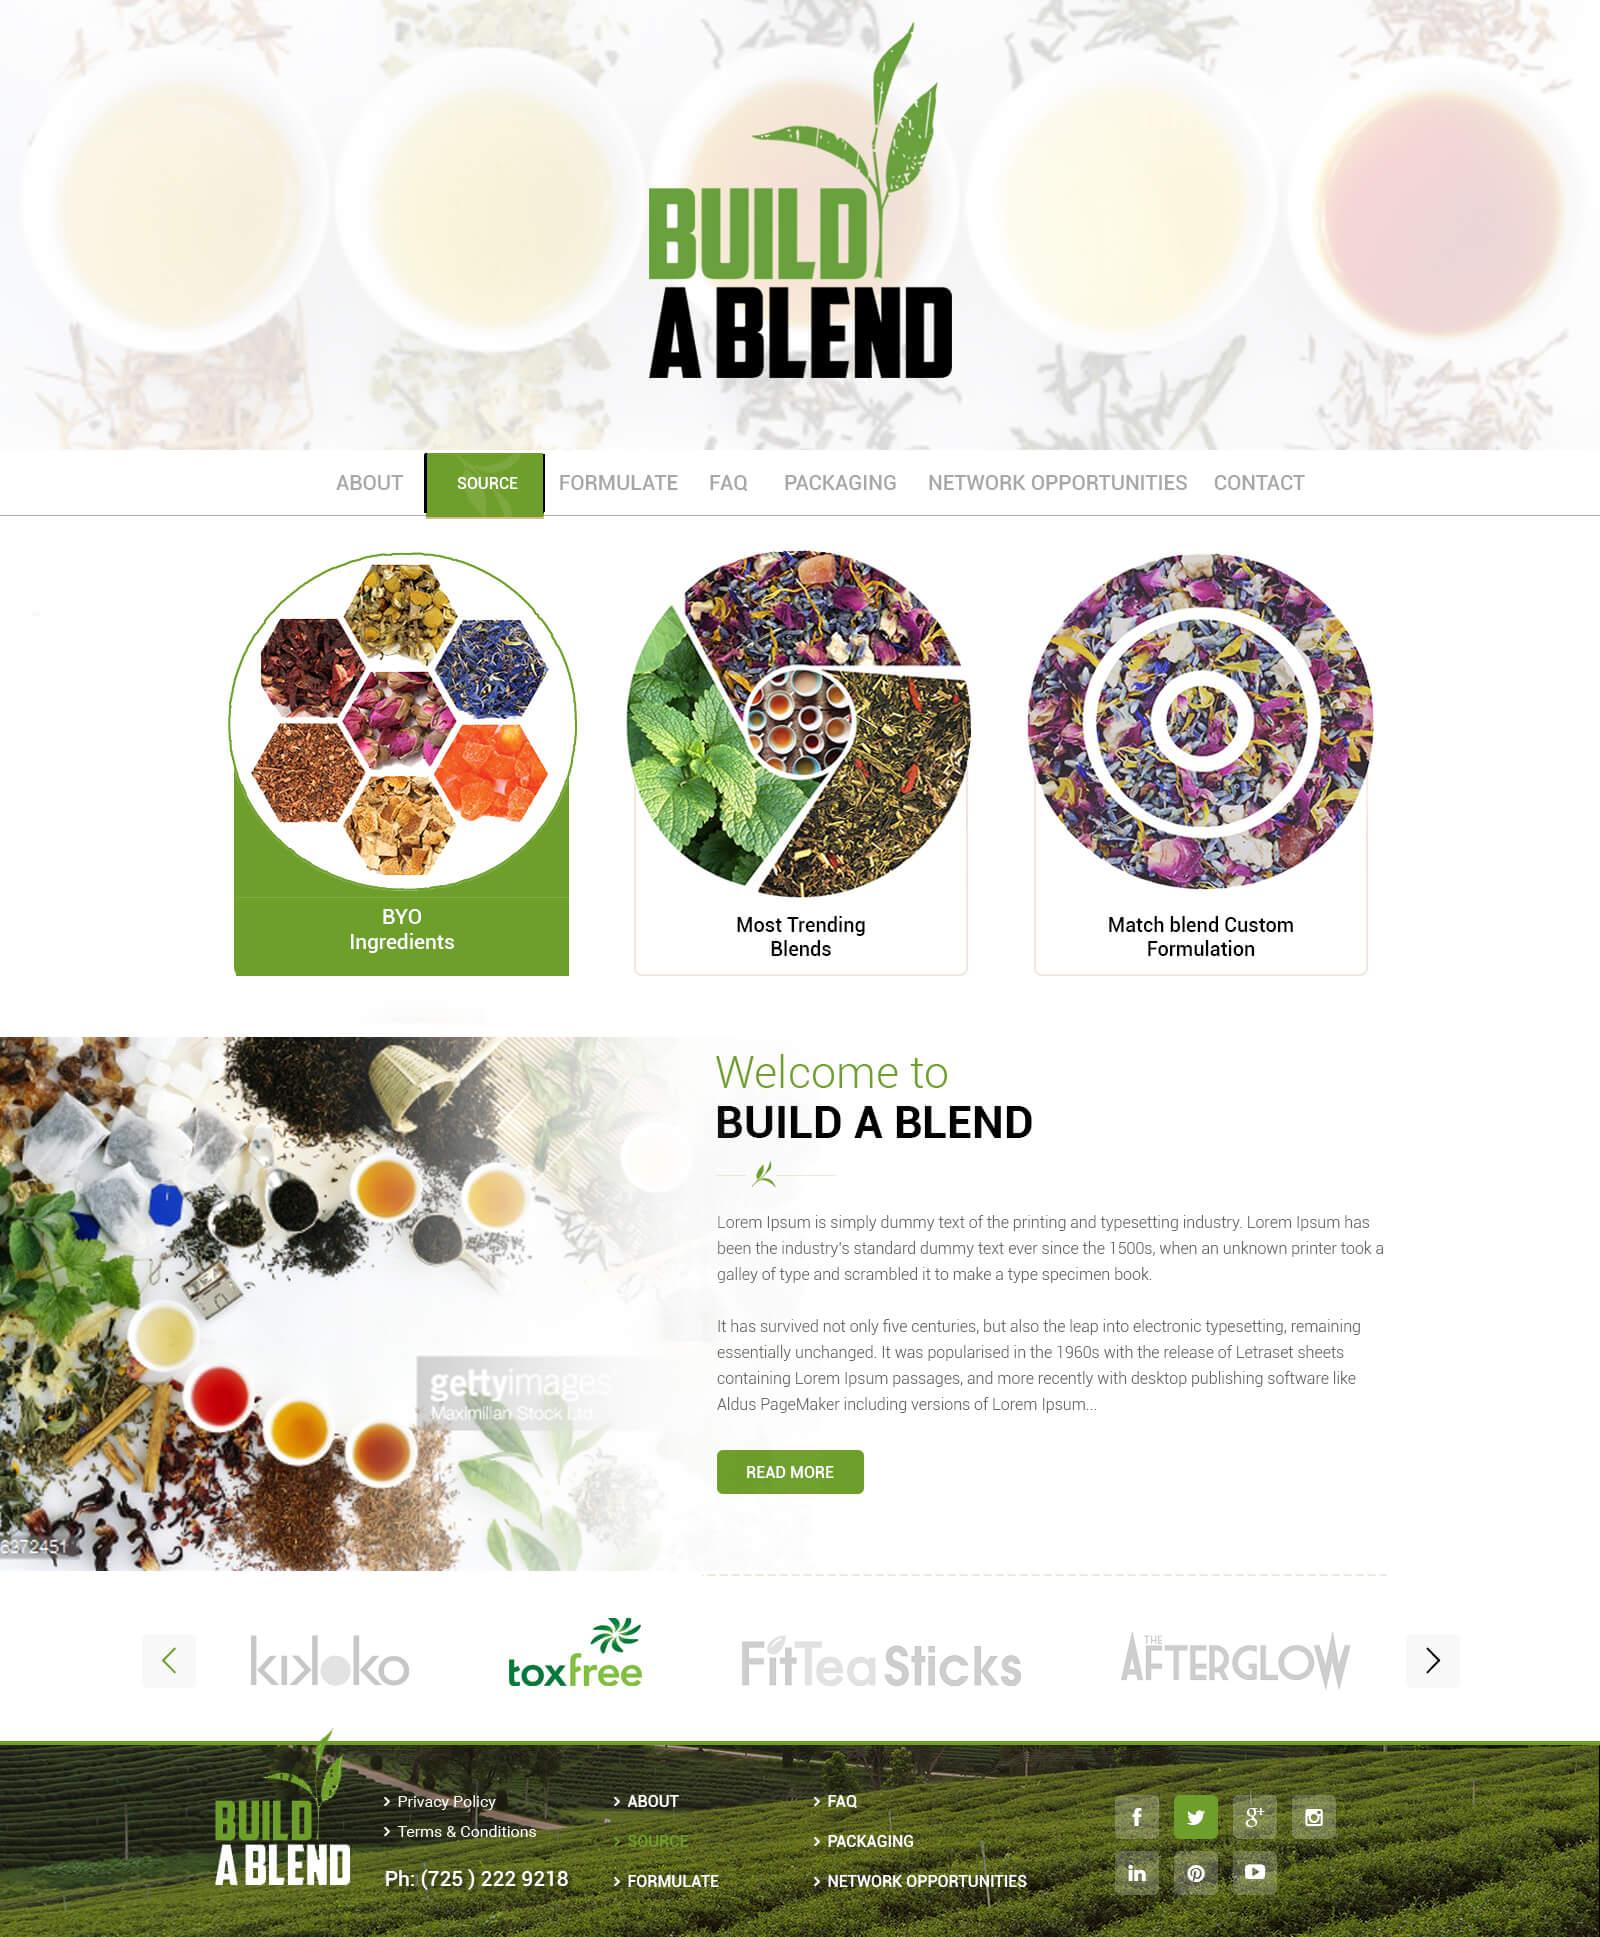 Build a Blend